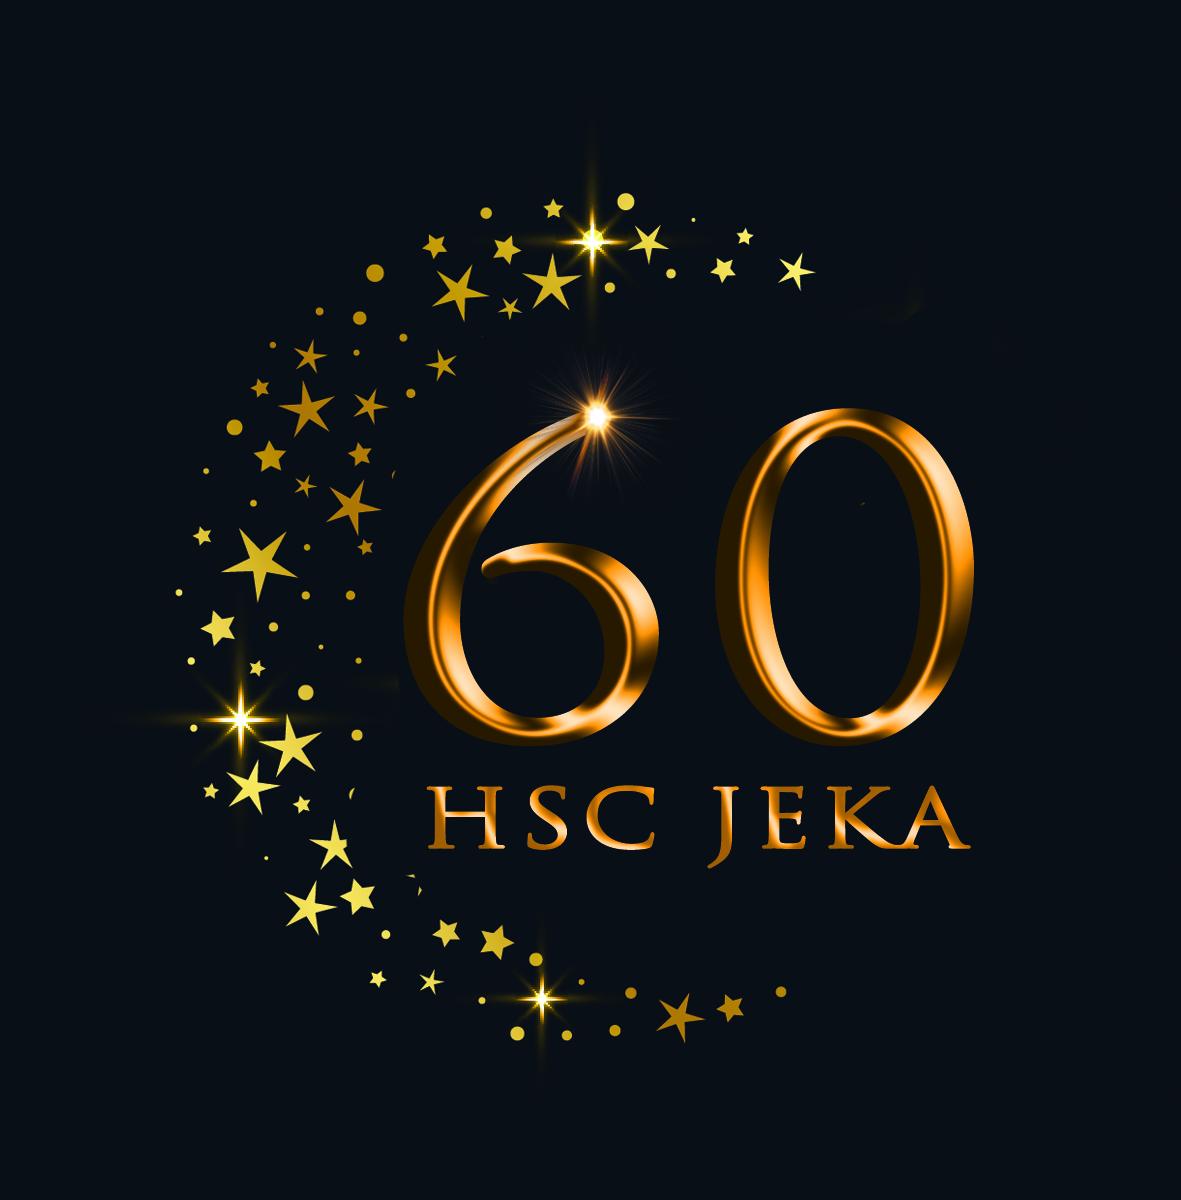 Jubileum HSC JEKA in Juni 2020 !, Jubileum HSC JEKA in Juni 2020 !